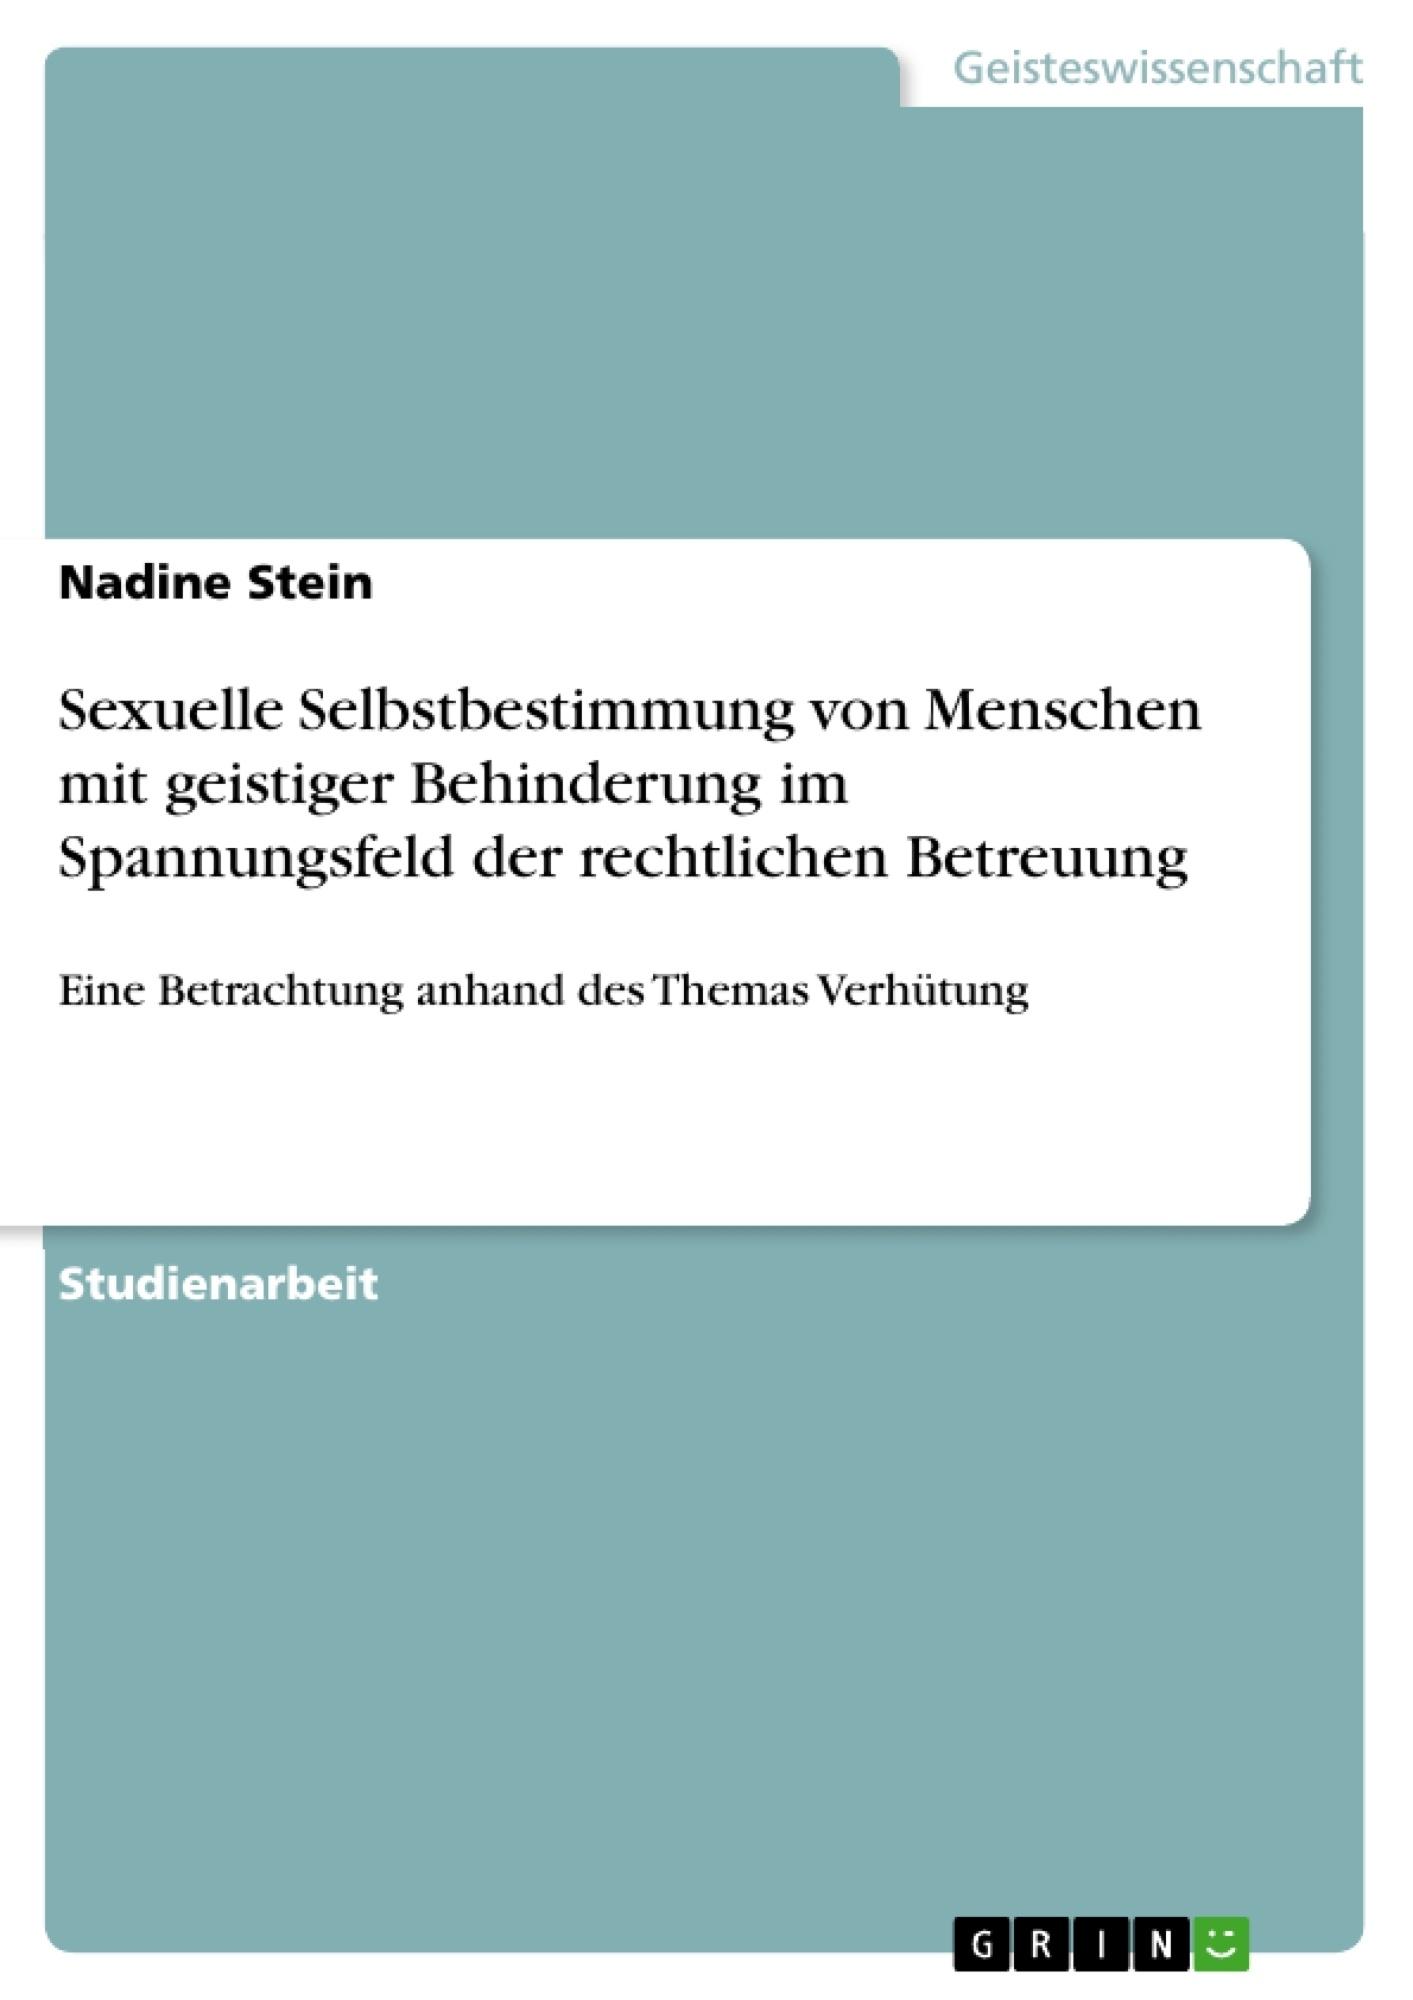 Titel: Sexuelle Selbstbestimmung von Menschen mit geistiger Behinderung im Spannungsfeld der rechtlichen Betreuung